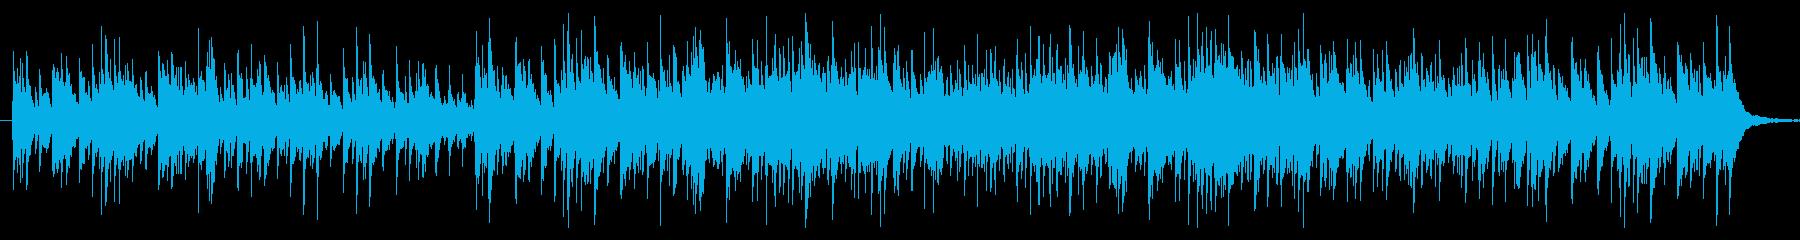 中世ヨーロッパの城下町 夜(環境音無し)の再生済みの波形